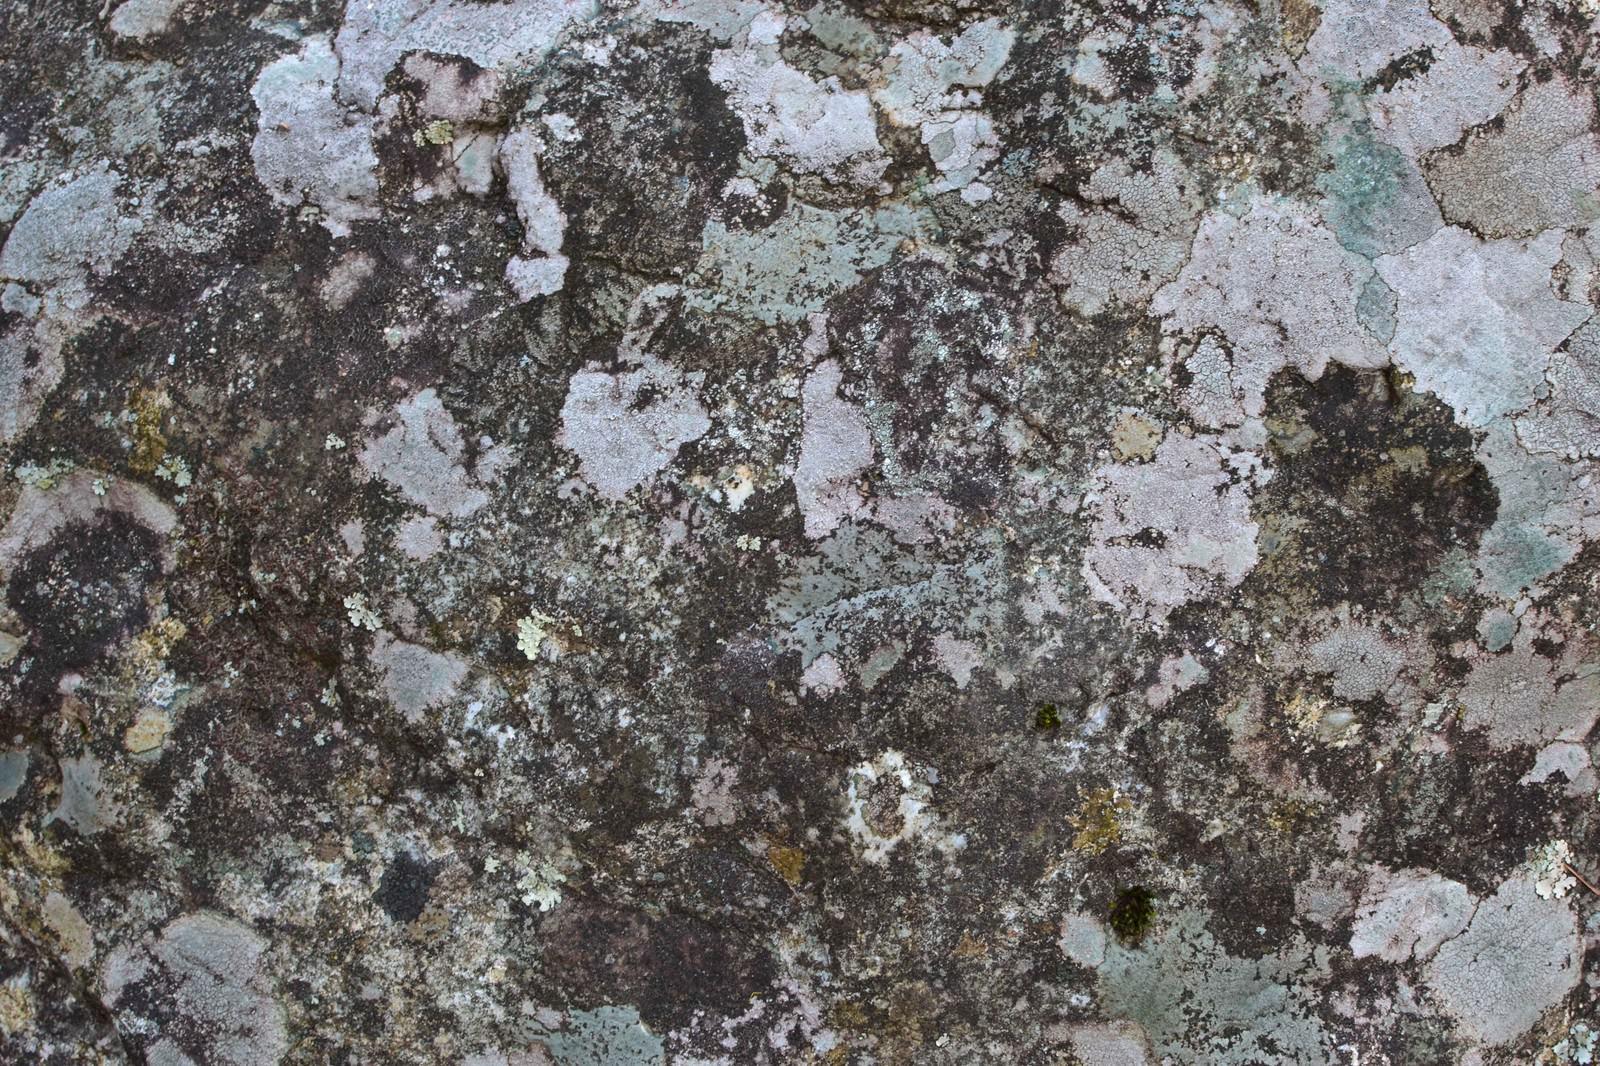 「カビた樹皮のテクスチャ」の写真